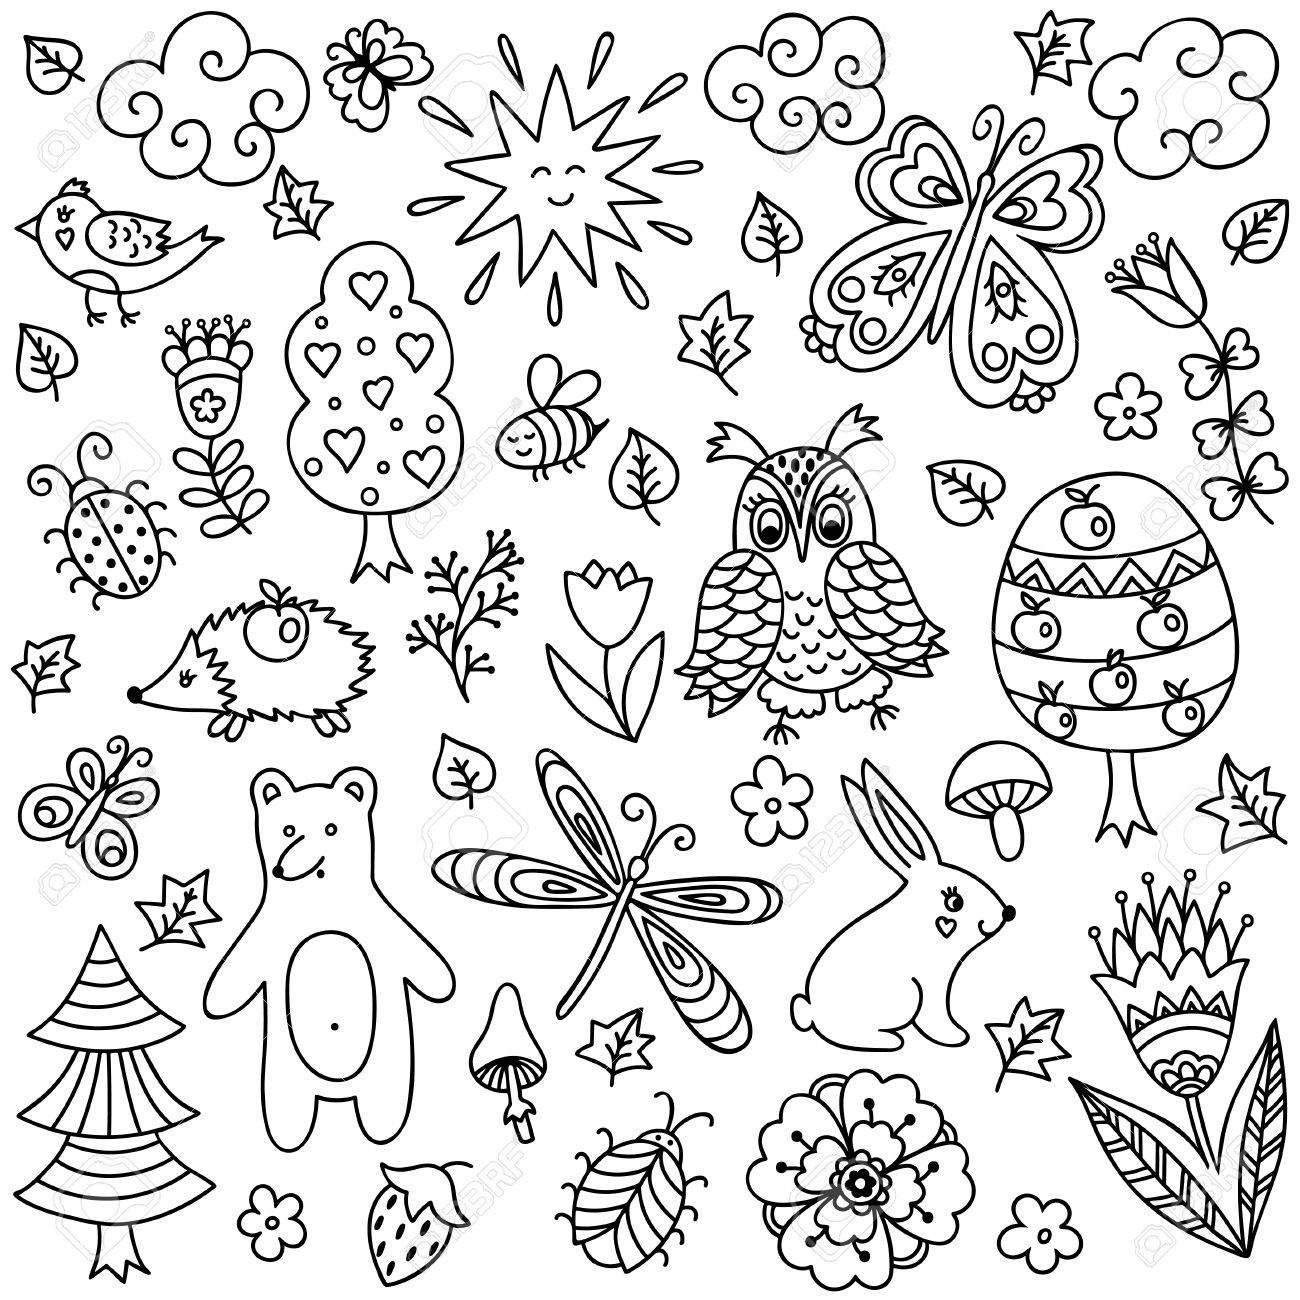 Elementos Del Vector En Estilo Infantil Garabato Dibujado A Mano